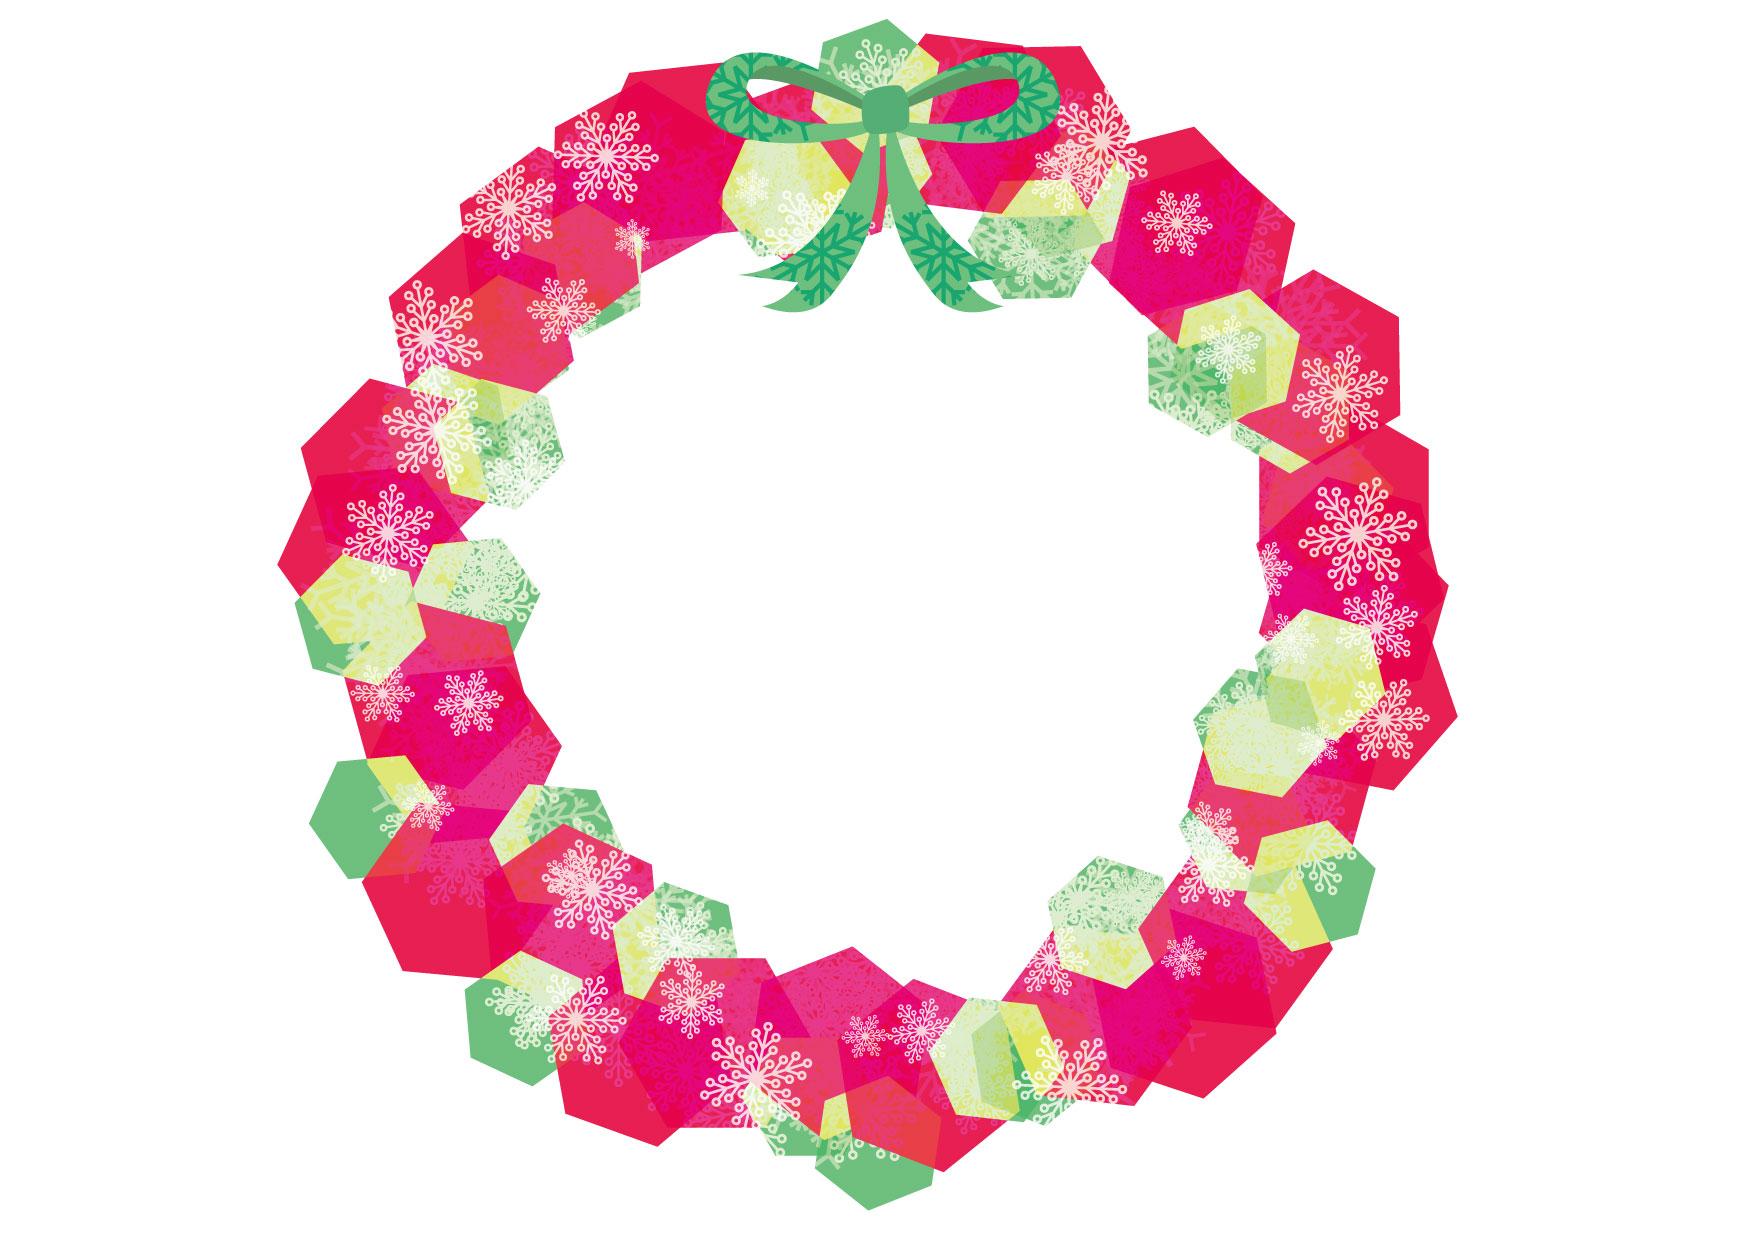 可愛いイラスト無料|クリスマスリース 赤 − free illustration Christmas wreath red